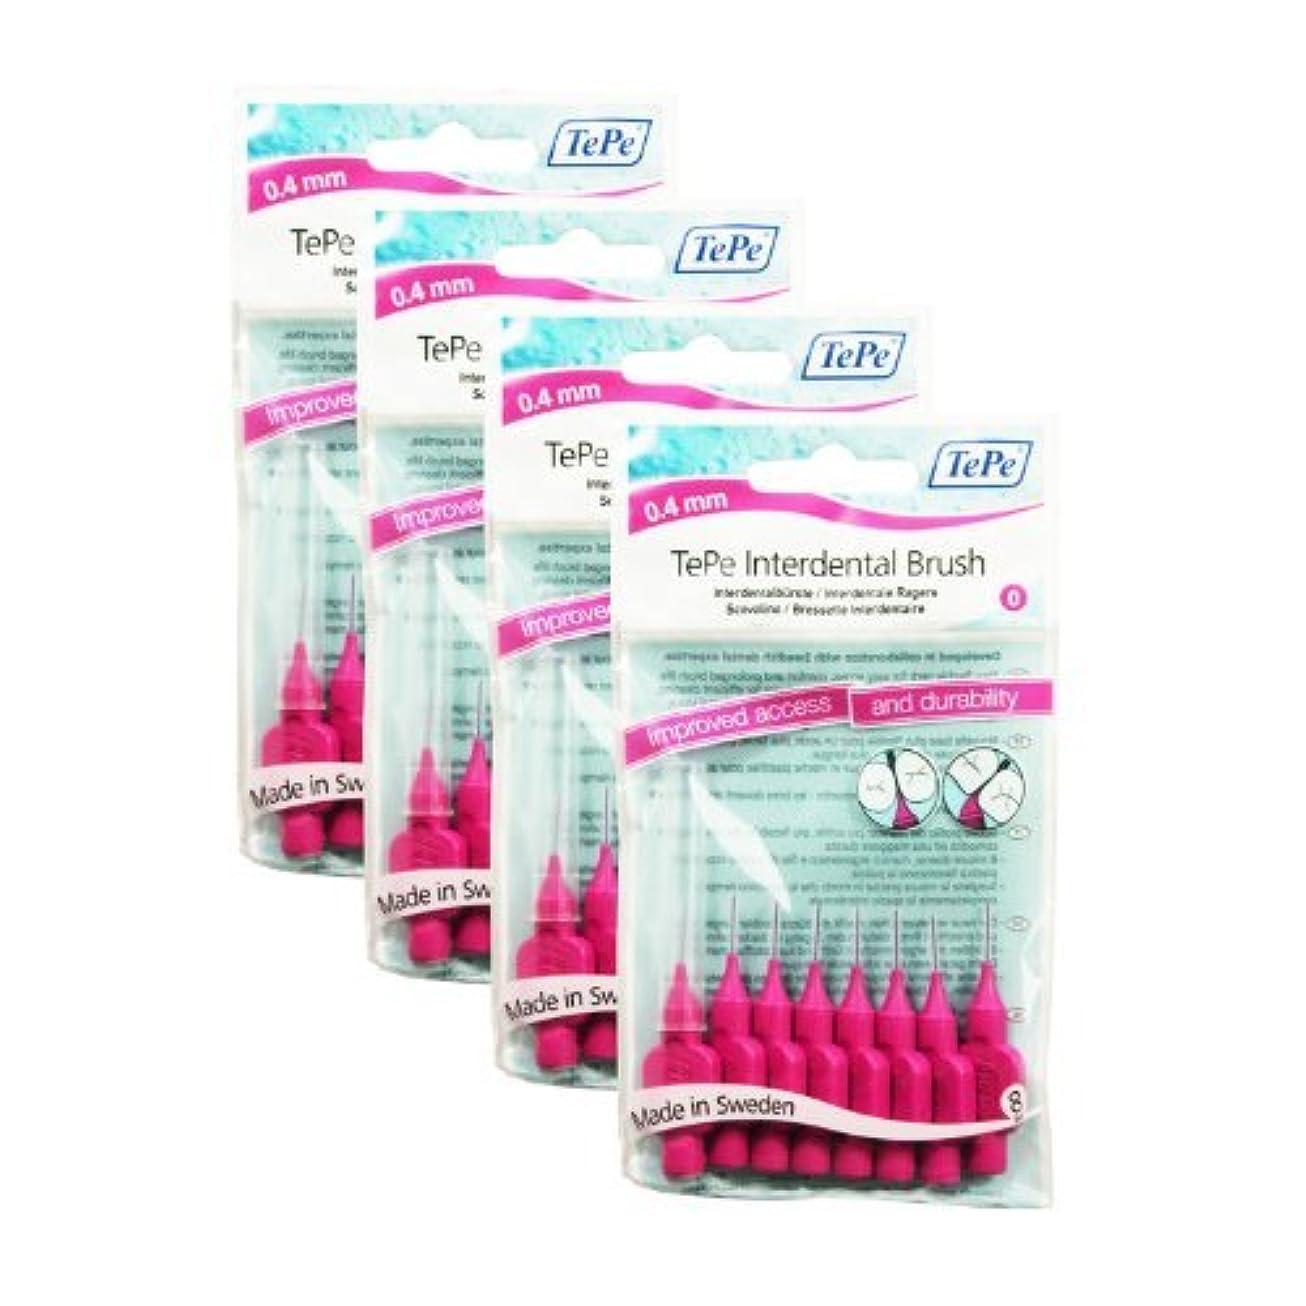 ハイランド損失不変TePe Interdental Brushes 0.4mm Pink - 4 Packets of 8 (32Brushes) by TePe [並行輸入品]